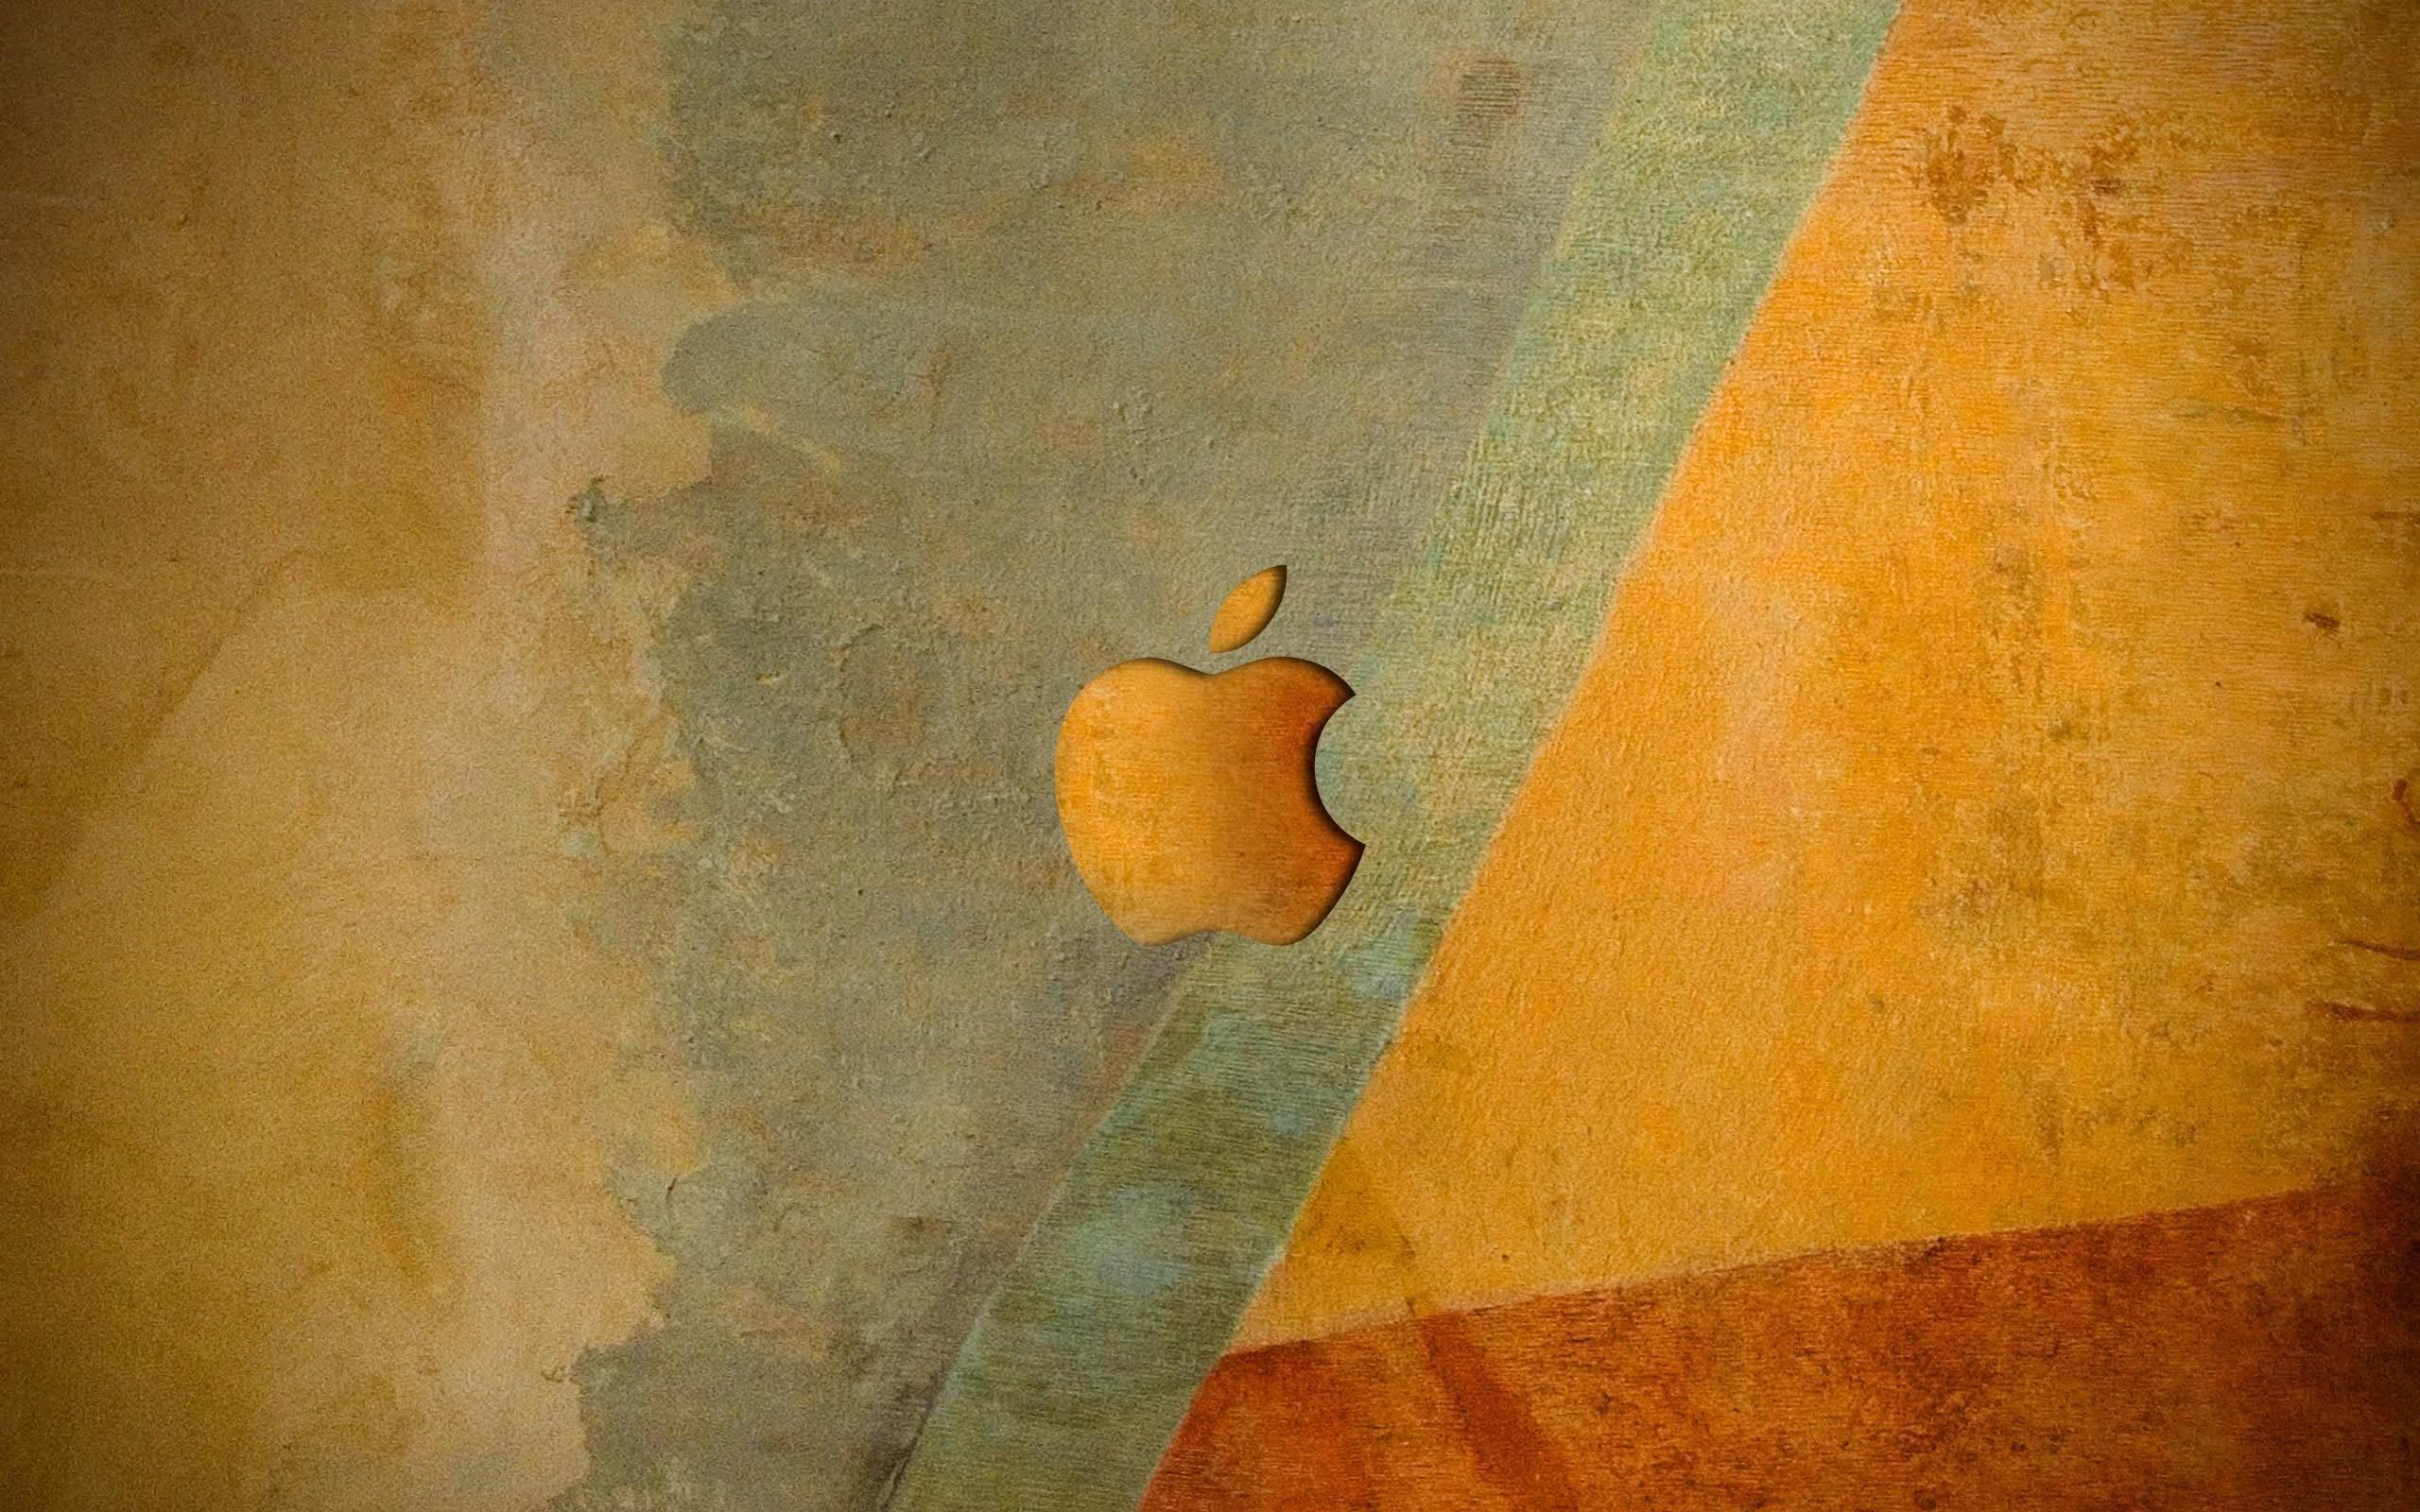 yellow aesthetic mac wallpapers